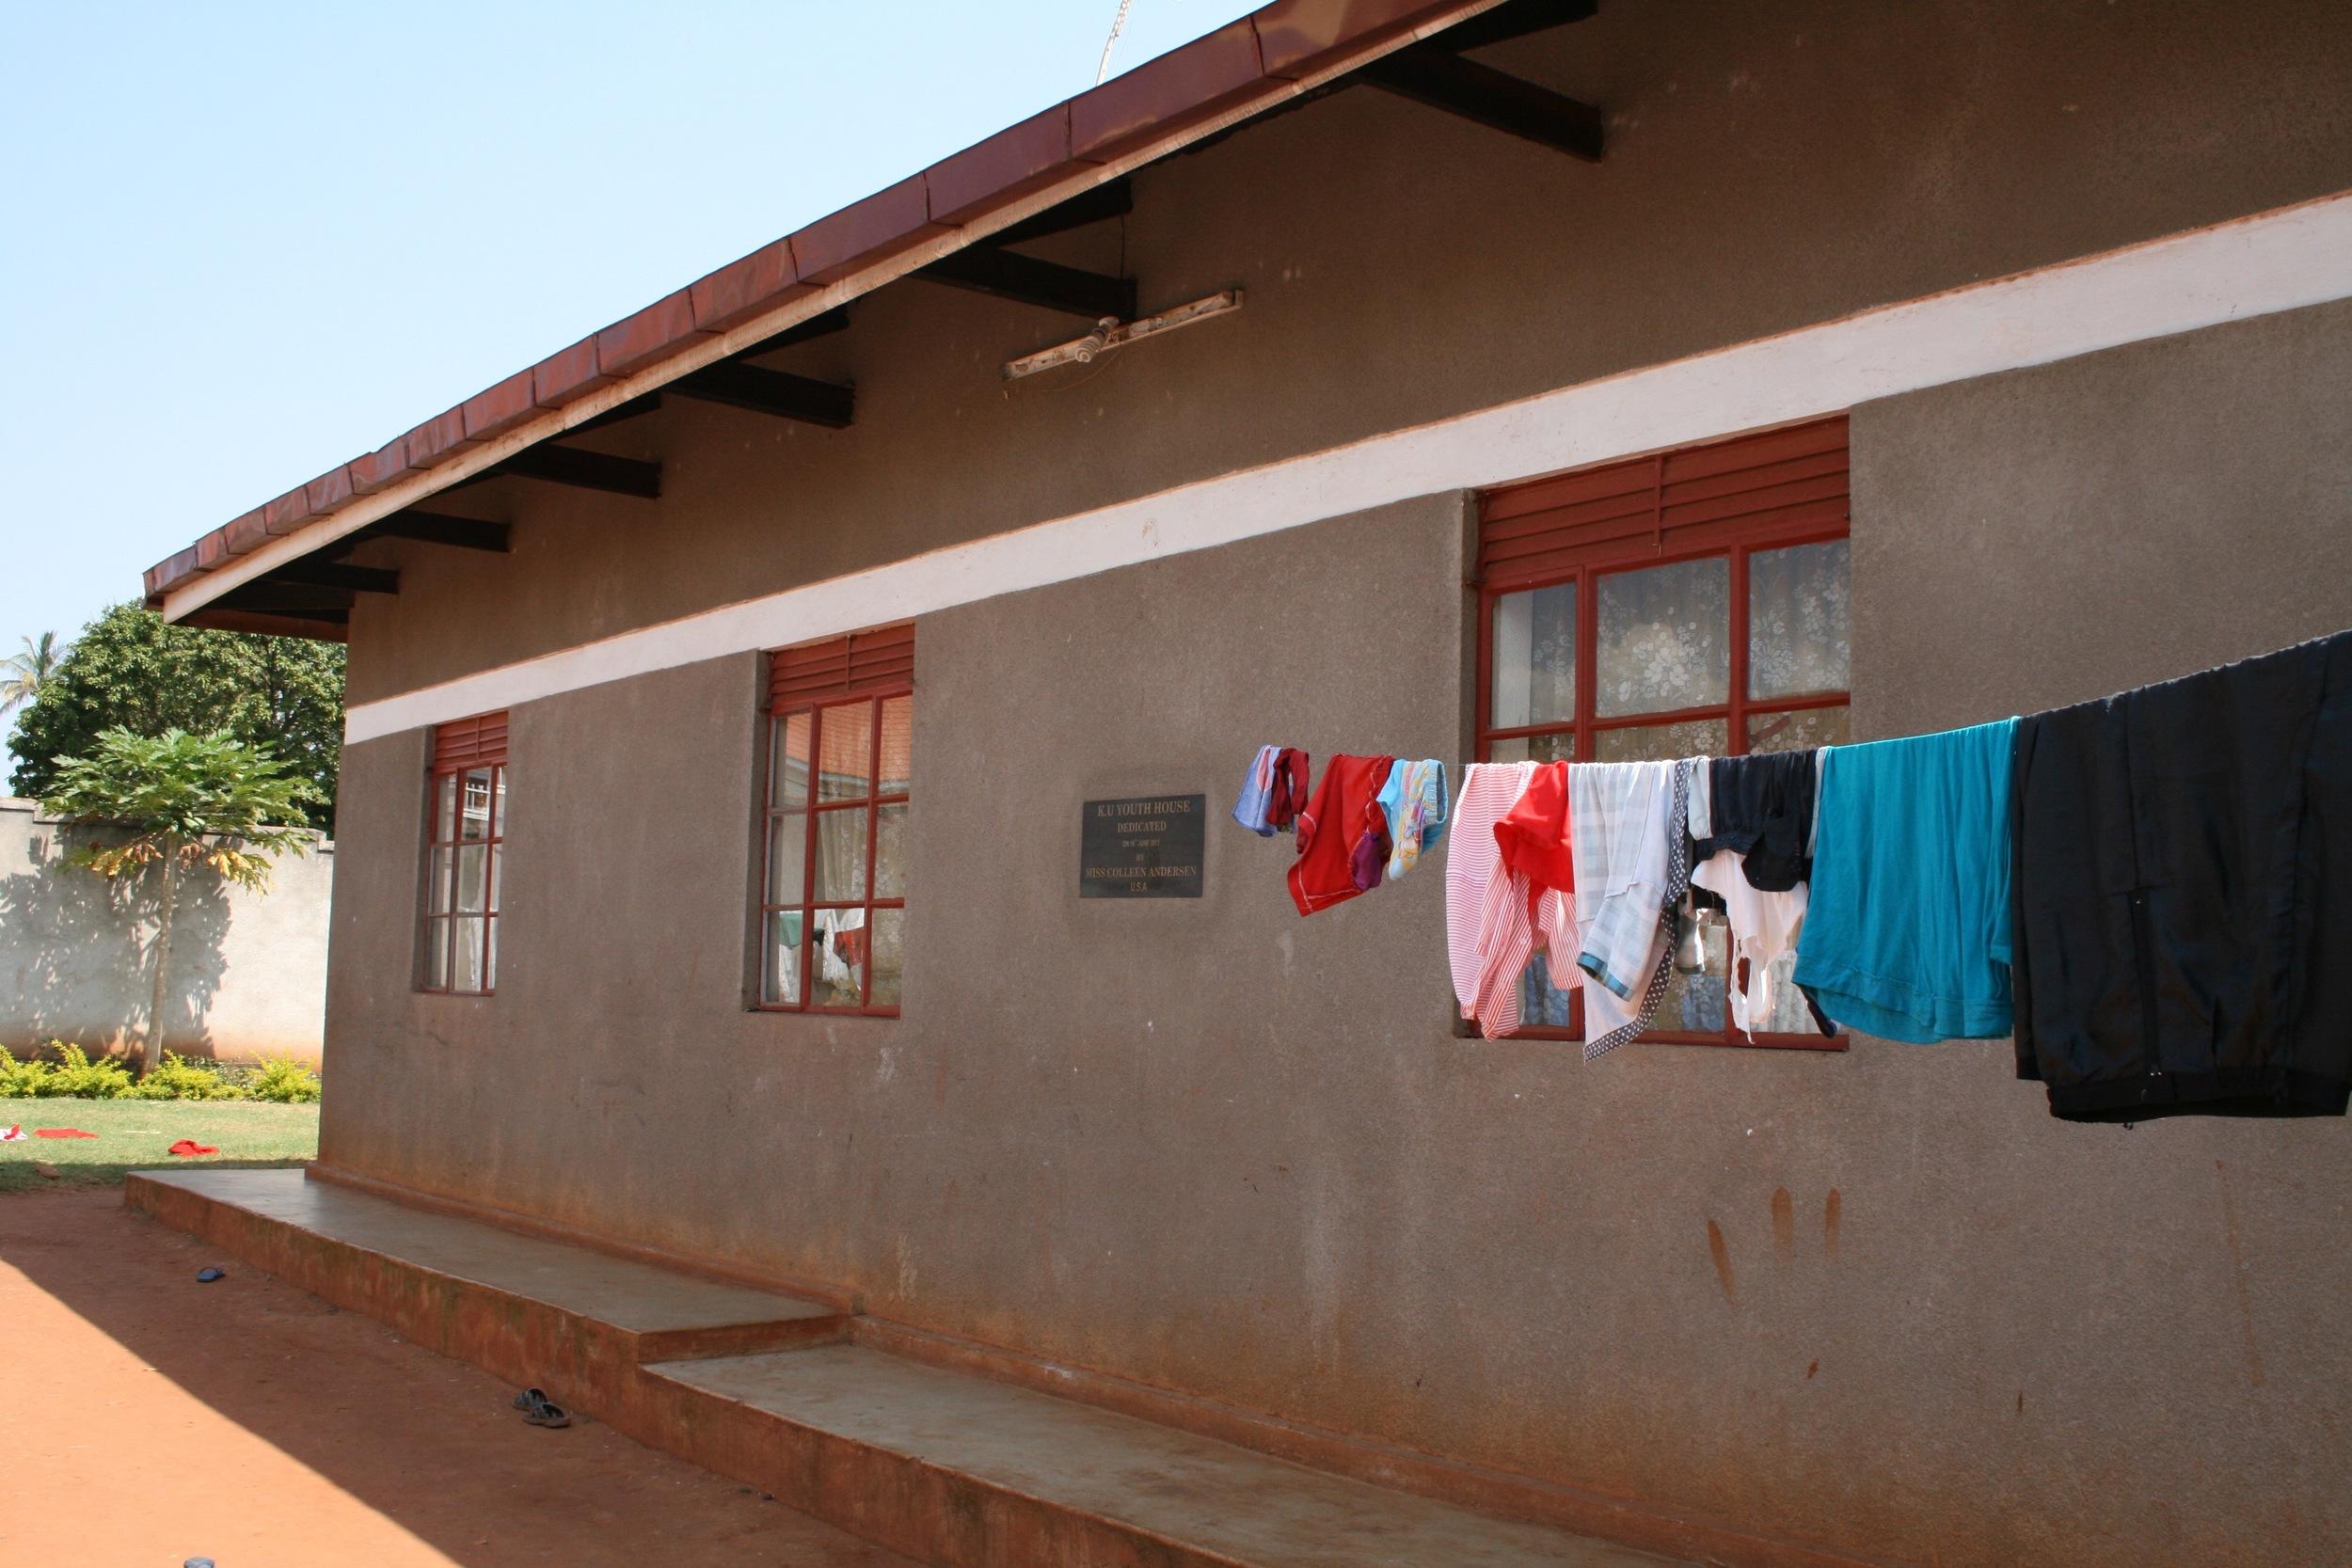 K.U. Youth House - Boys' Dormitory at Mizigo